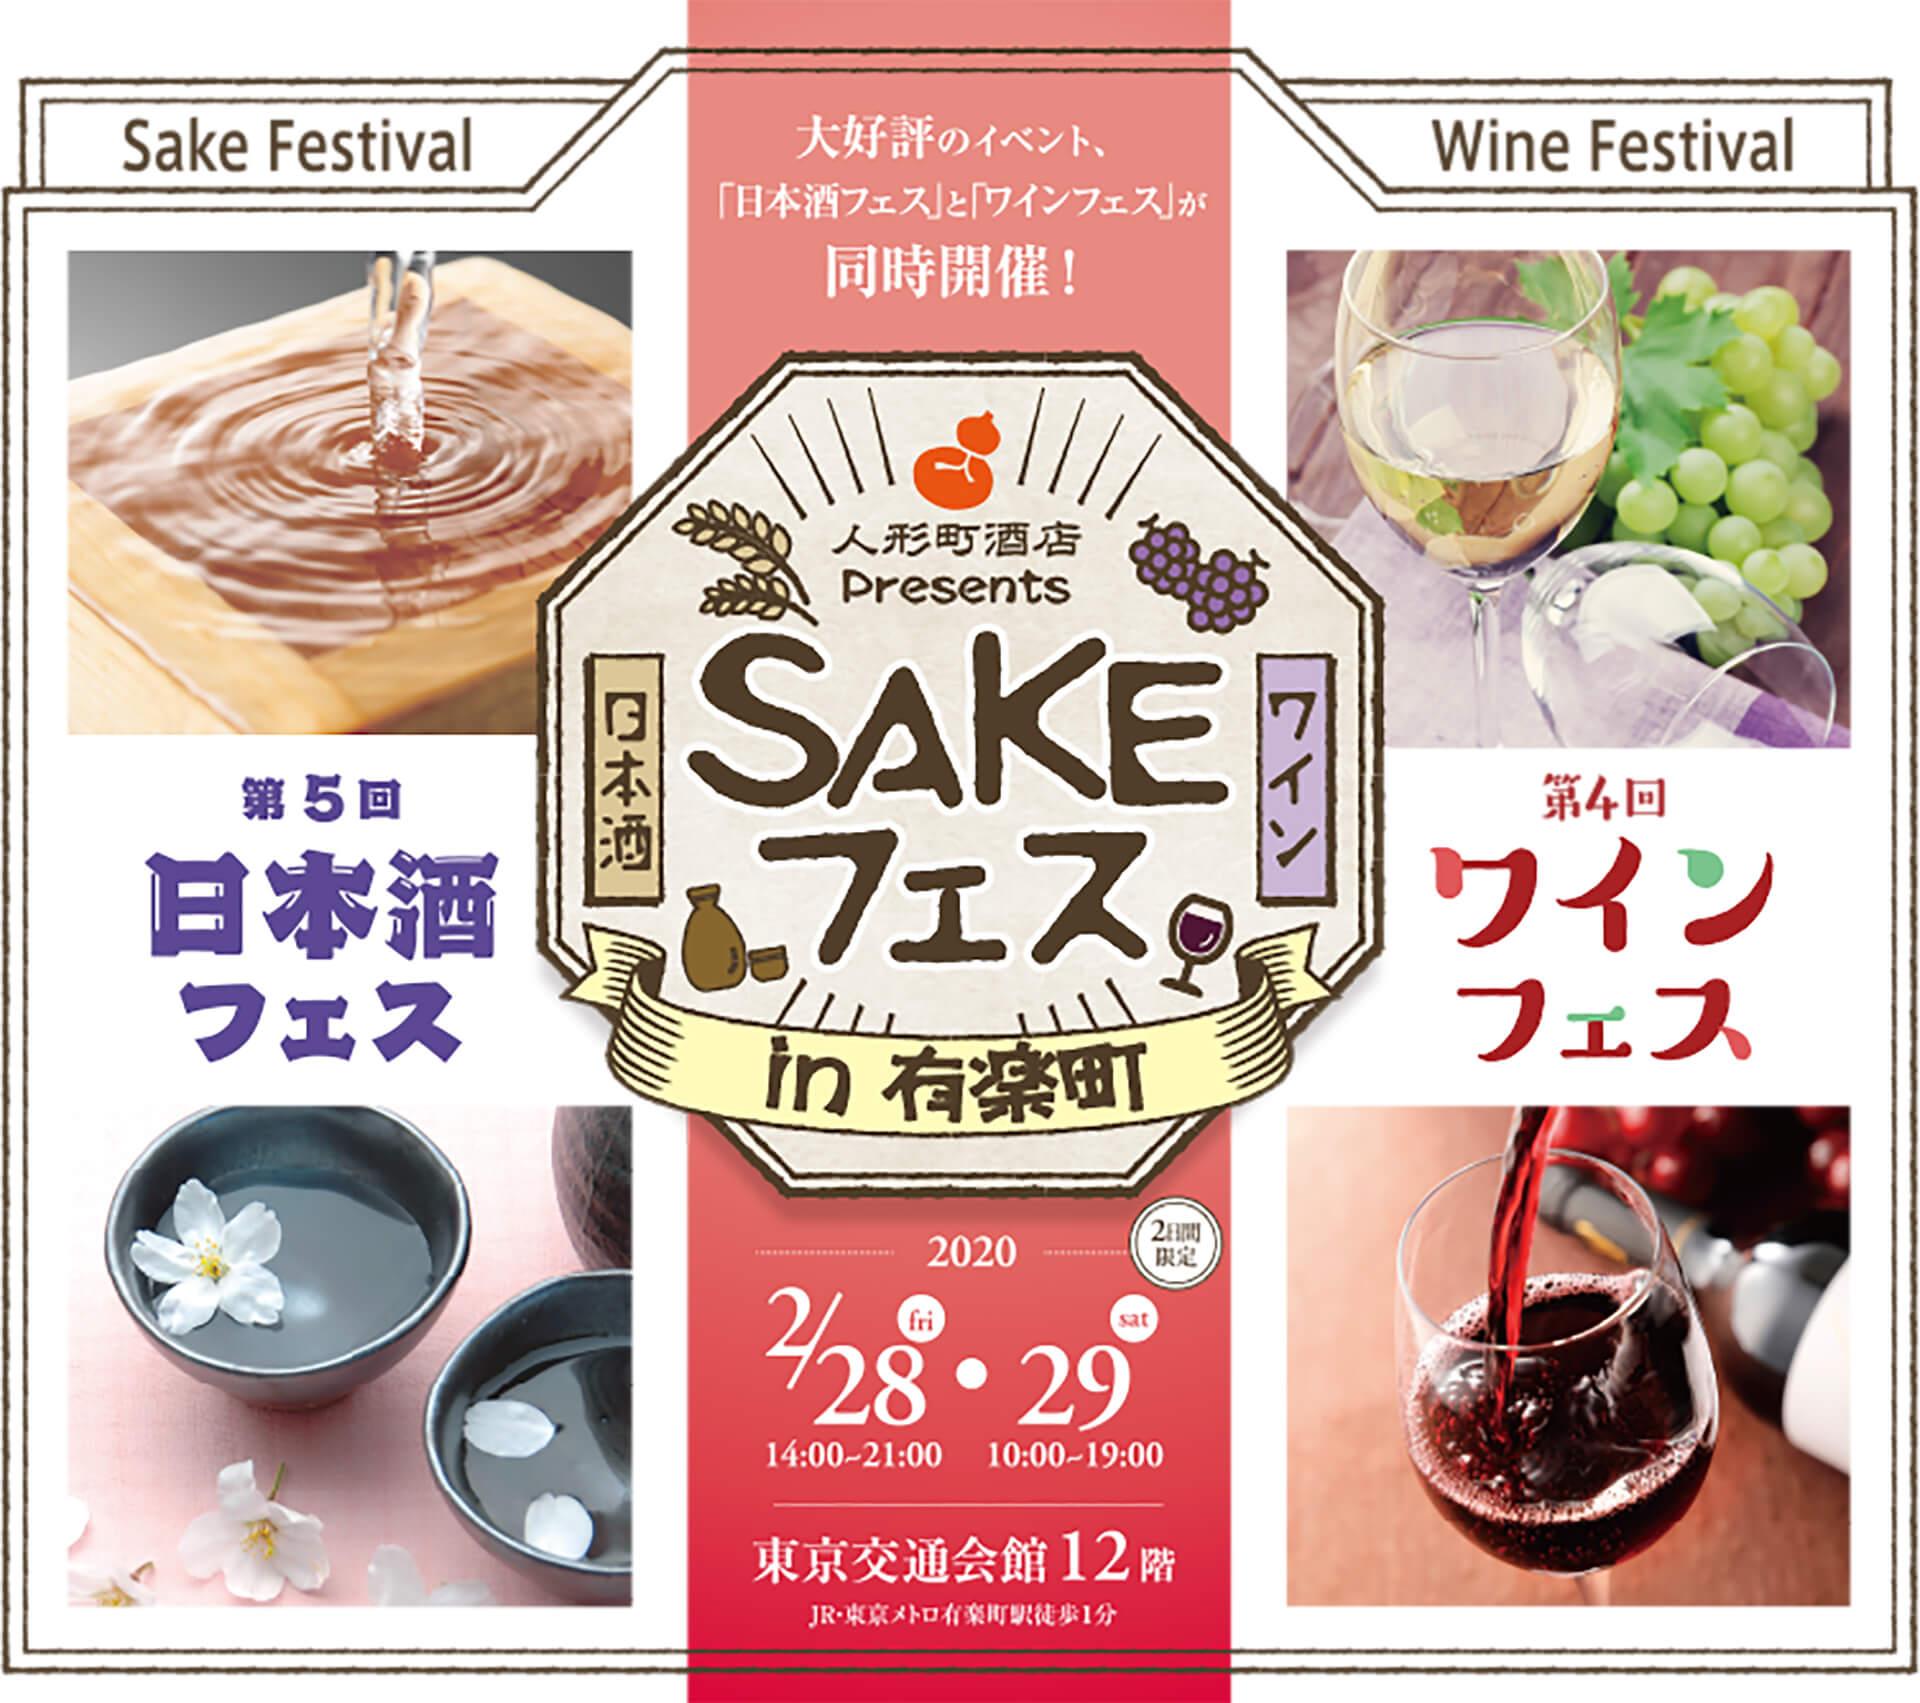 形町酒店presents『SAKEフェス』バナー